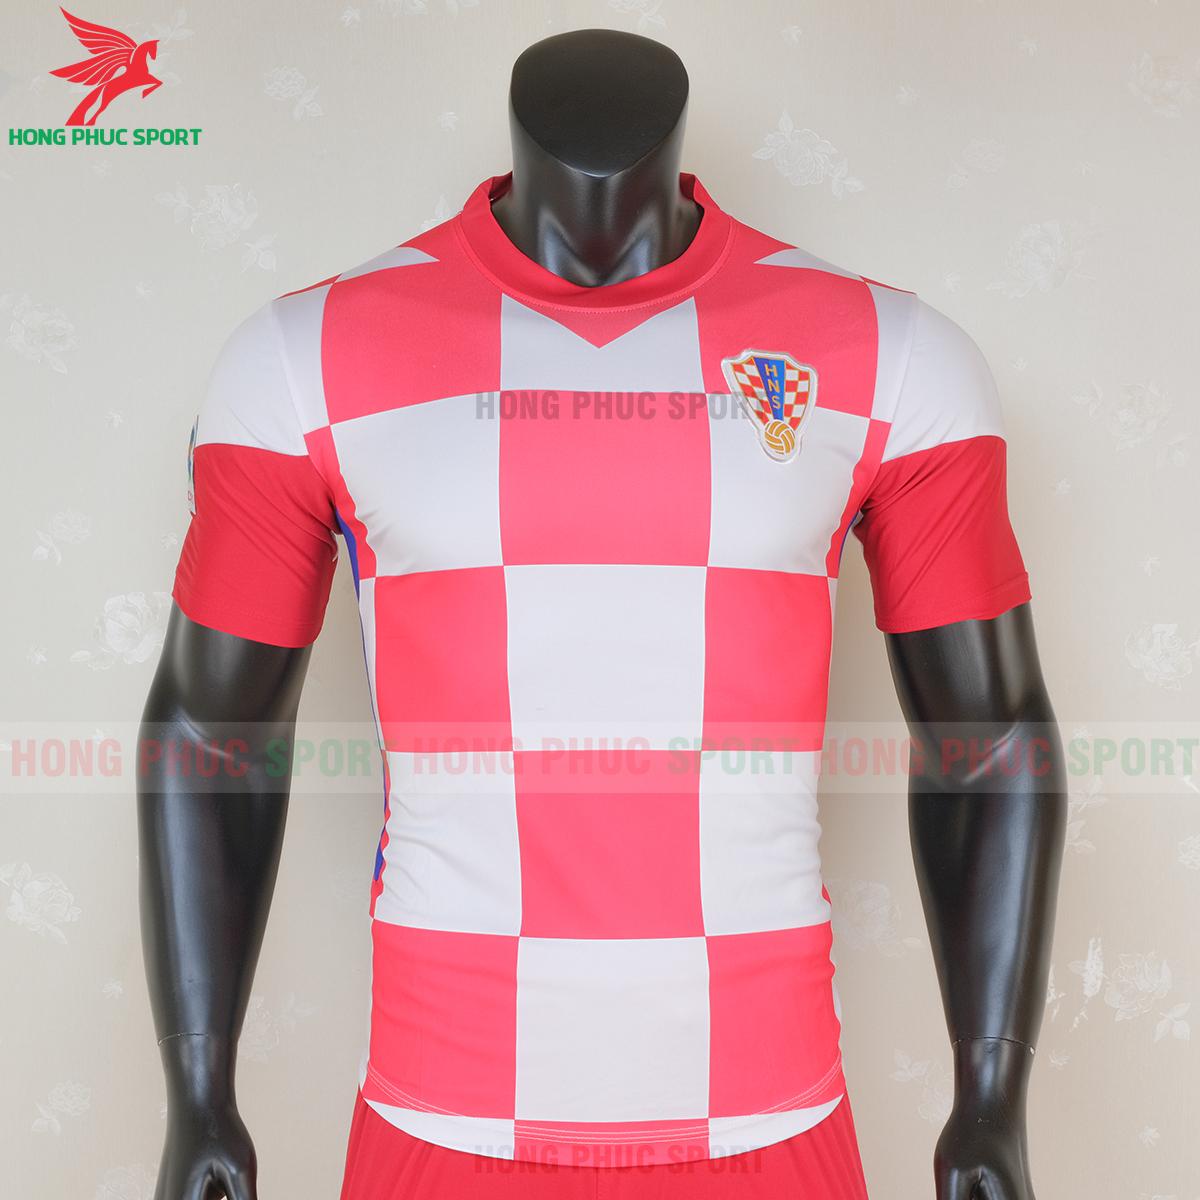 https://cdn.hongphucsport.com/unsafe/s4.shopbay.vn/files/285/ao-bong-da-tuyen-croatia-2020-san-nha-5-5f7149392c2f0.png